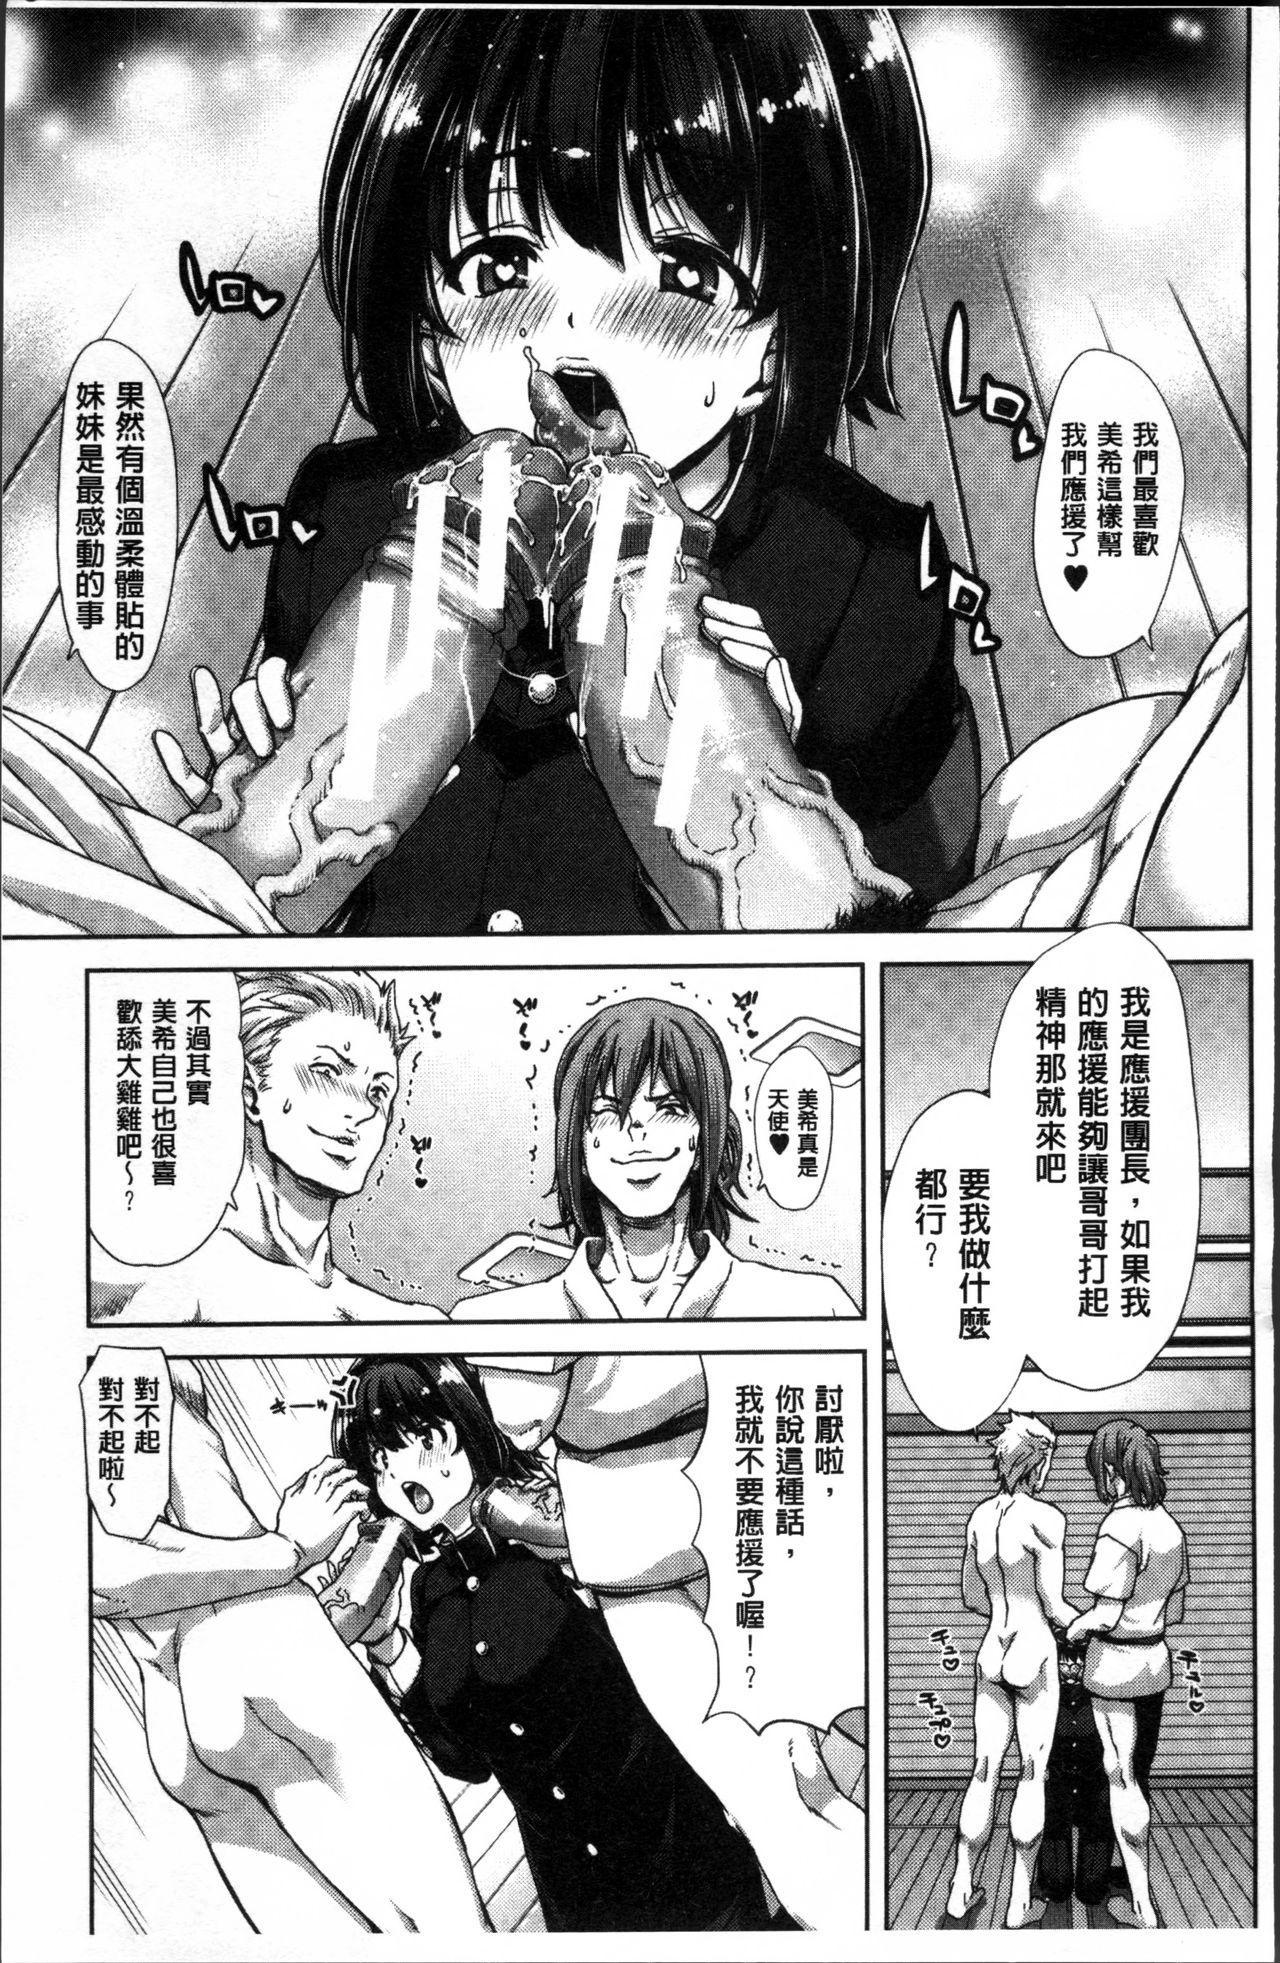 Imouto dakedo Oniichan, H Shiyo! H Shiyo! H Shiyou yo! 143